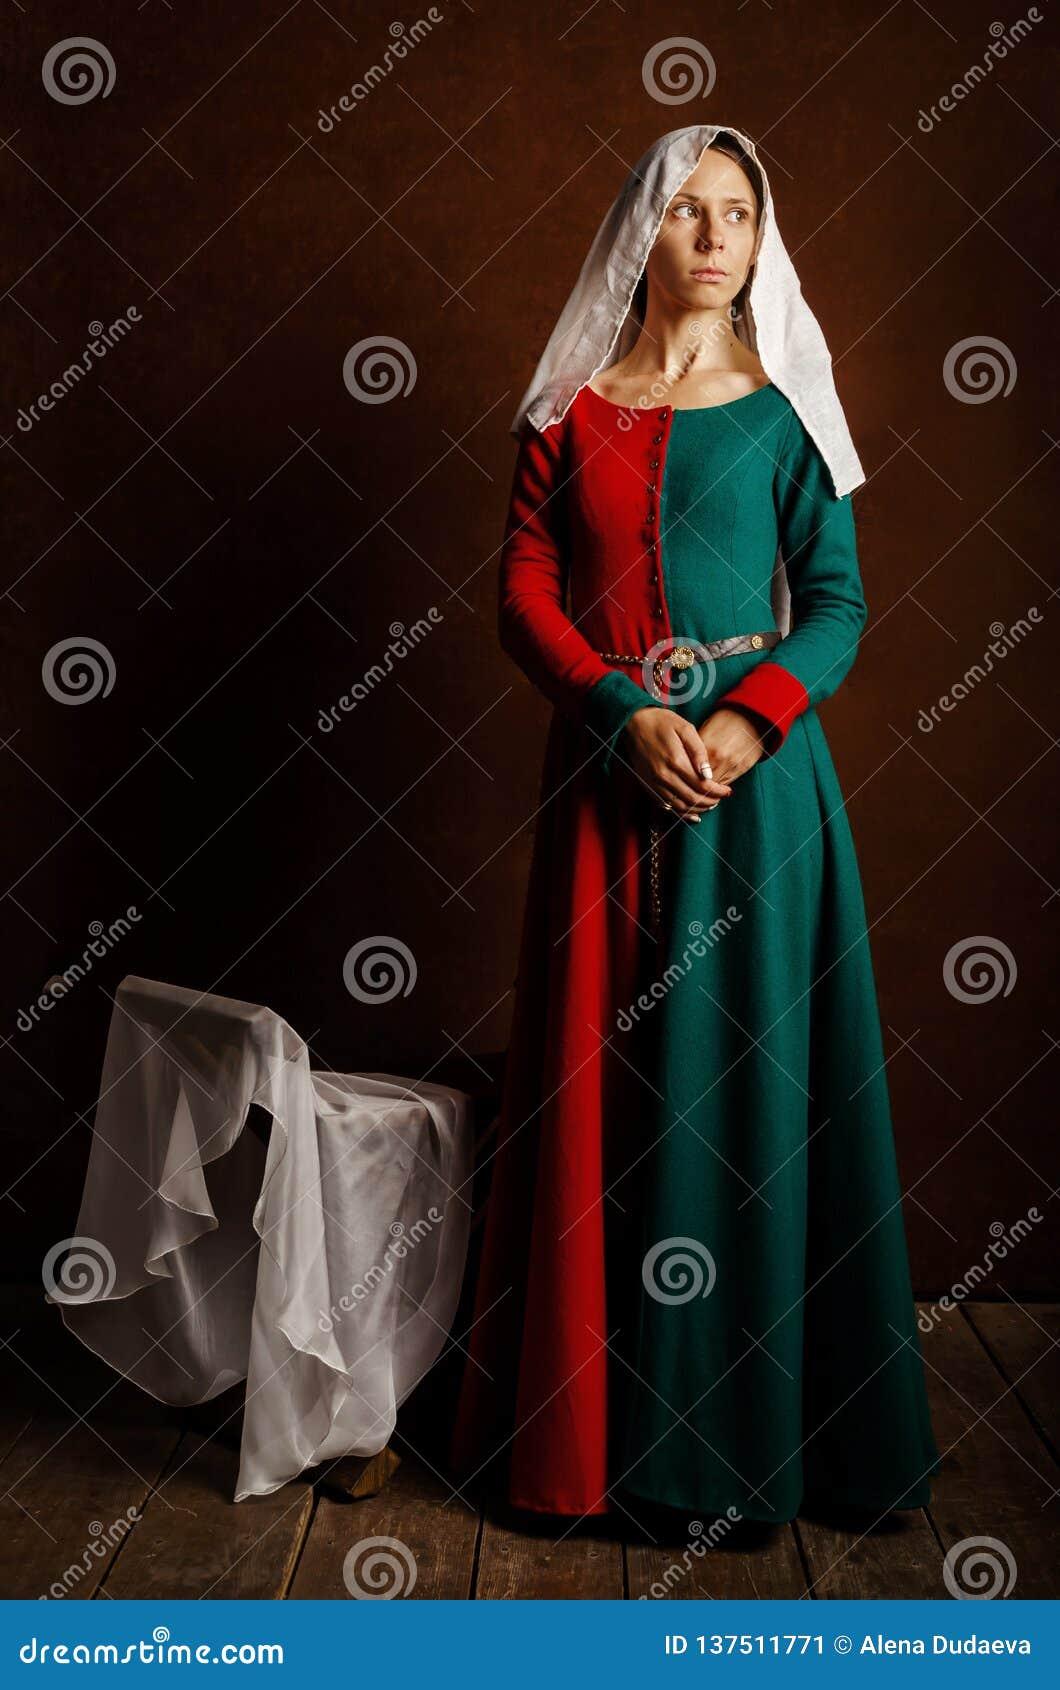 Porträt eines schönen Mädchens in einem mittelalterlichen Kleid in Rotem und in Grünem auf einem braunen Hintergrund